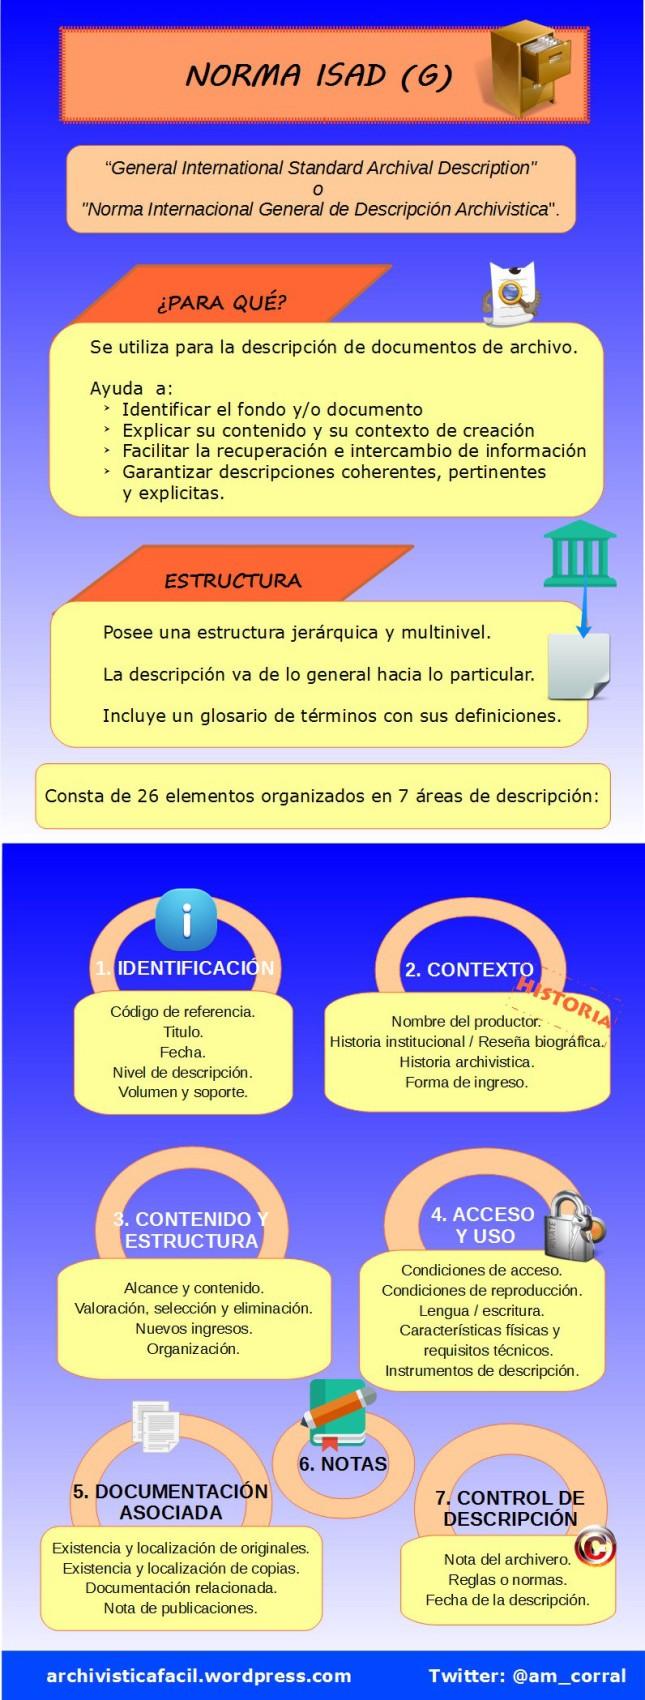 Norma ISAD (G) para descripcion archivistica